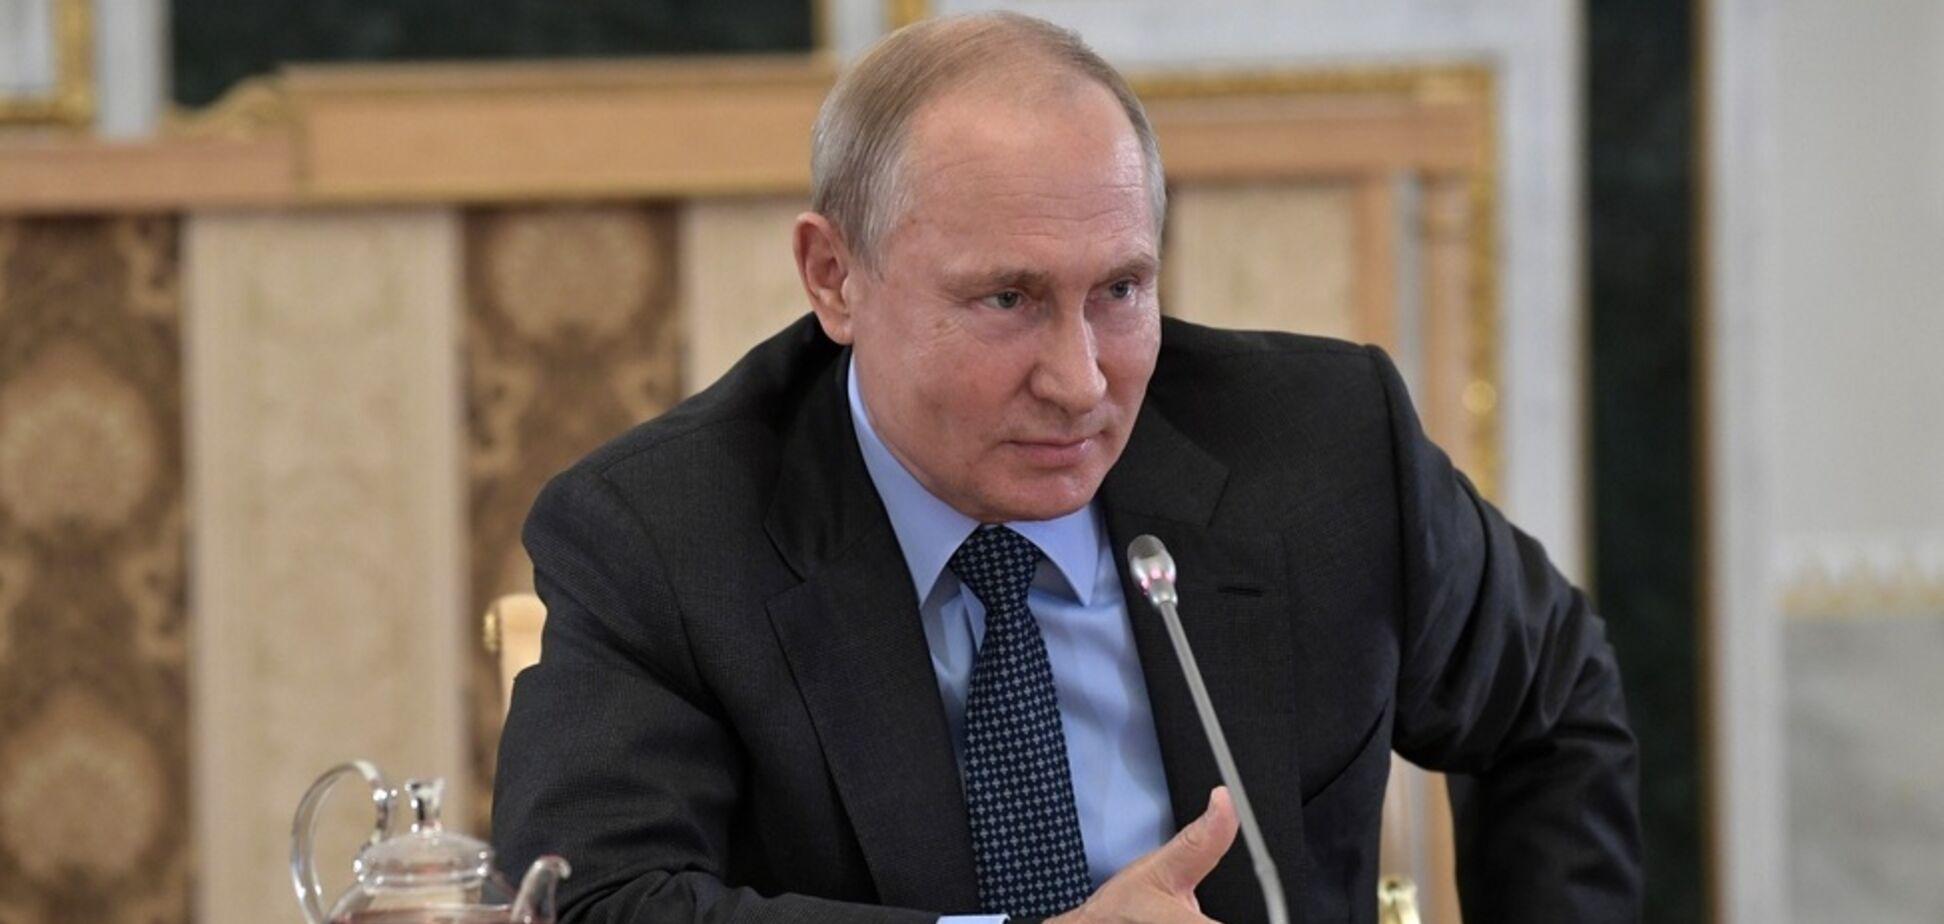 Путін виведе війська? У США зробили гучну заяву про Донбас